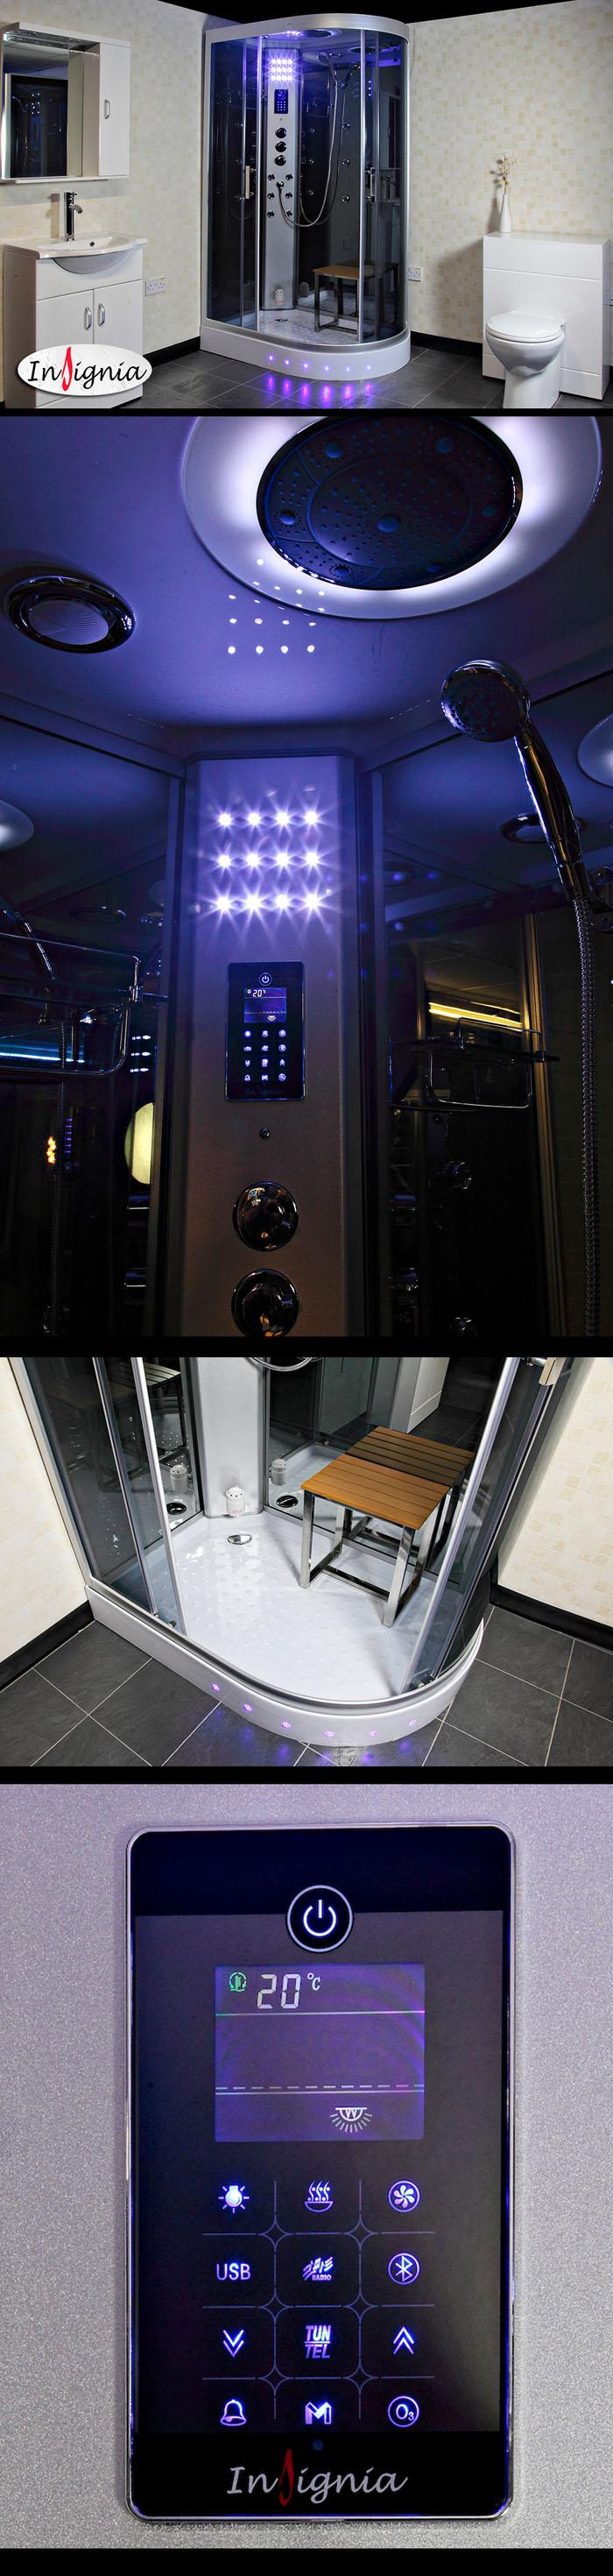 cabine de douche hammam insignia neptune gauche 80x120. Black Bedroom Furniture Sets. Home Design Ideas